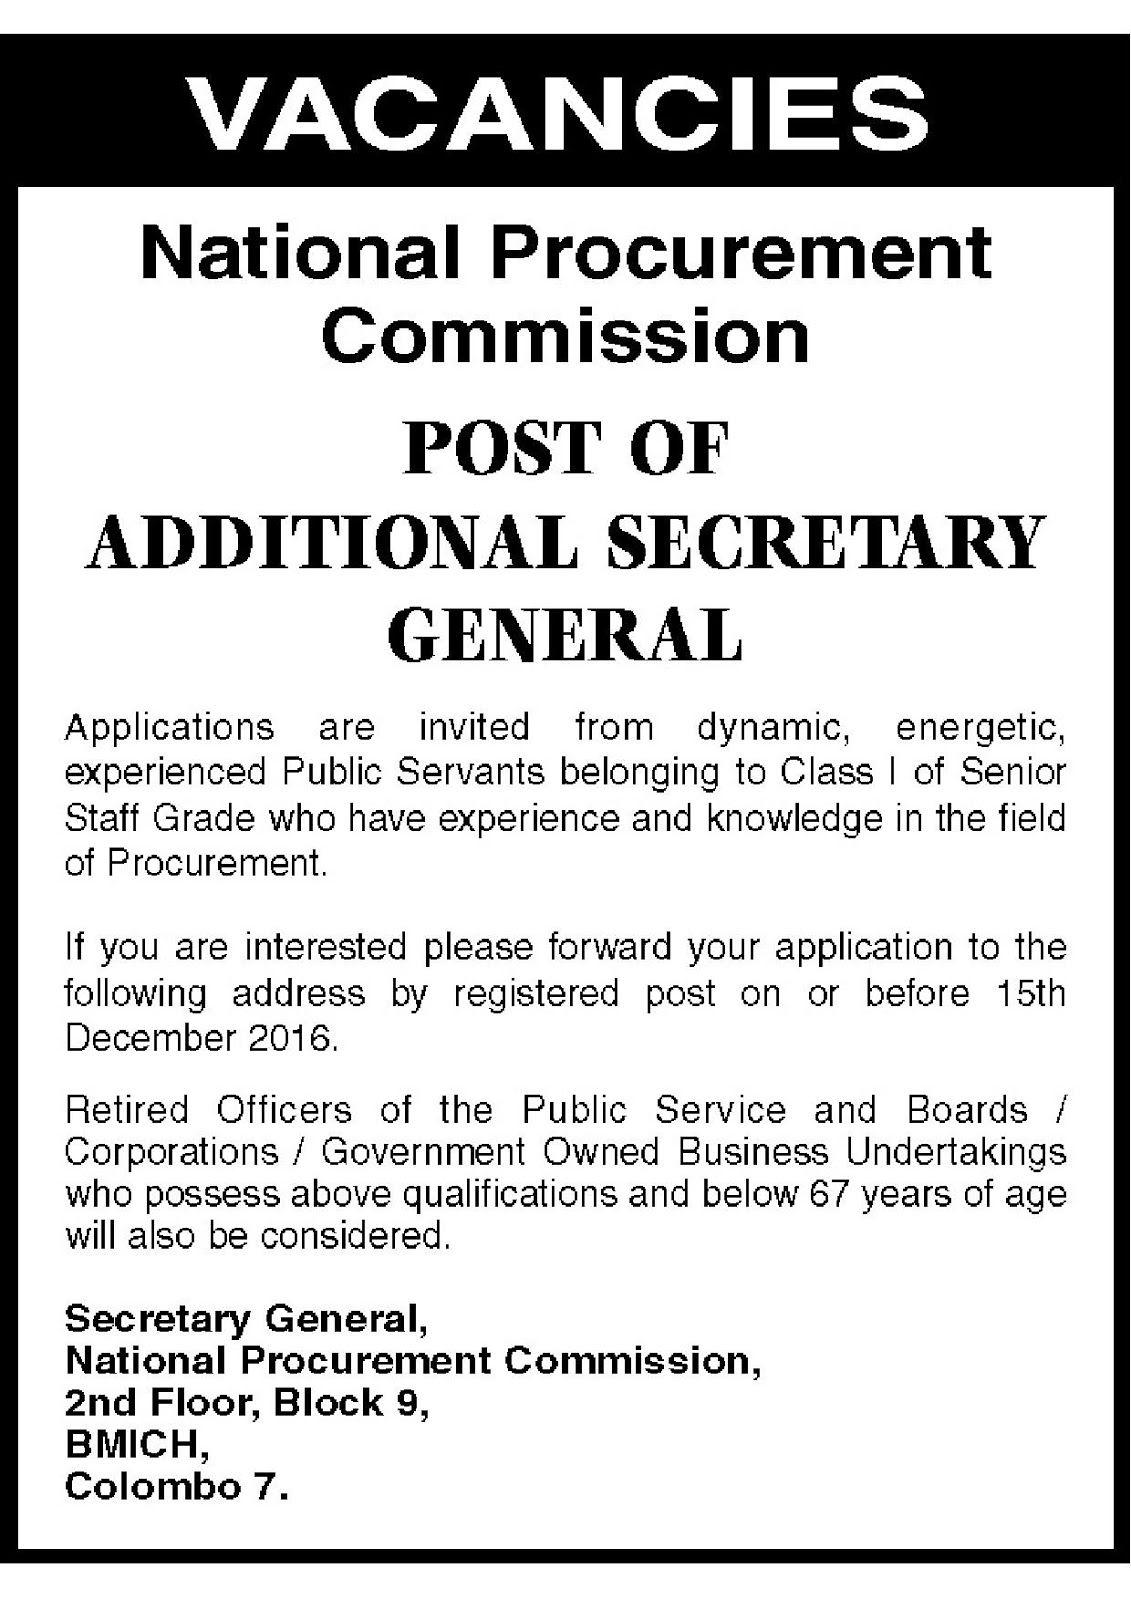 Sri Lankan Government Job Vacancies At National